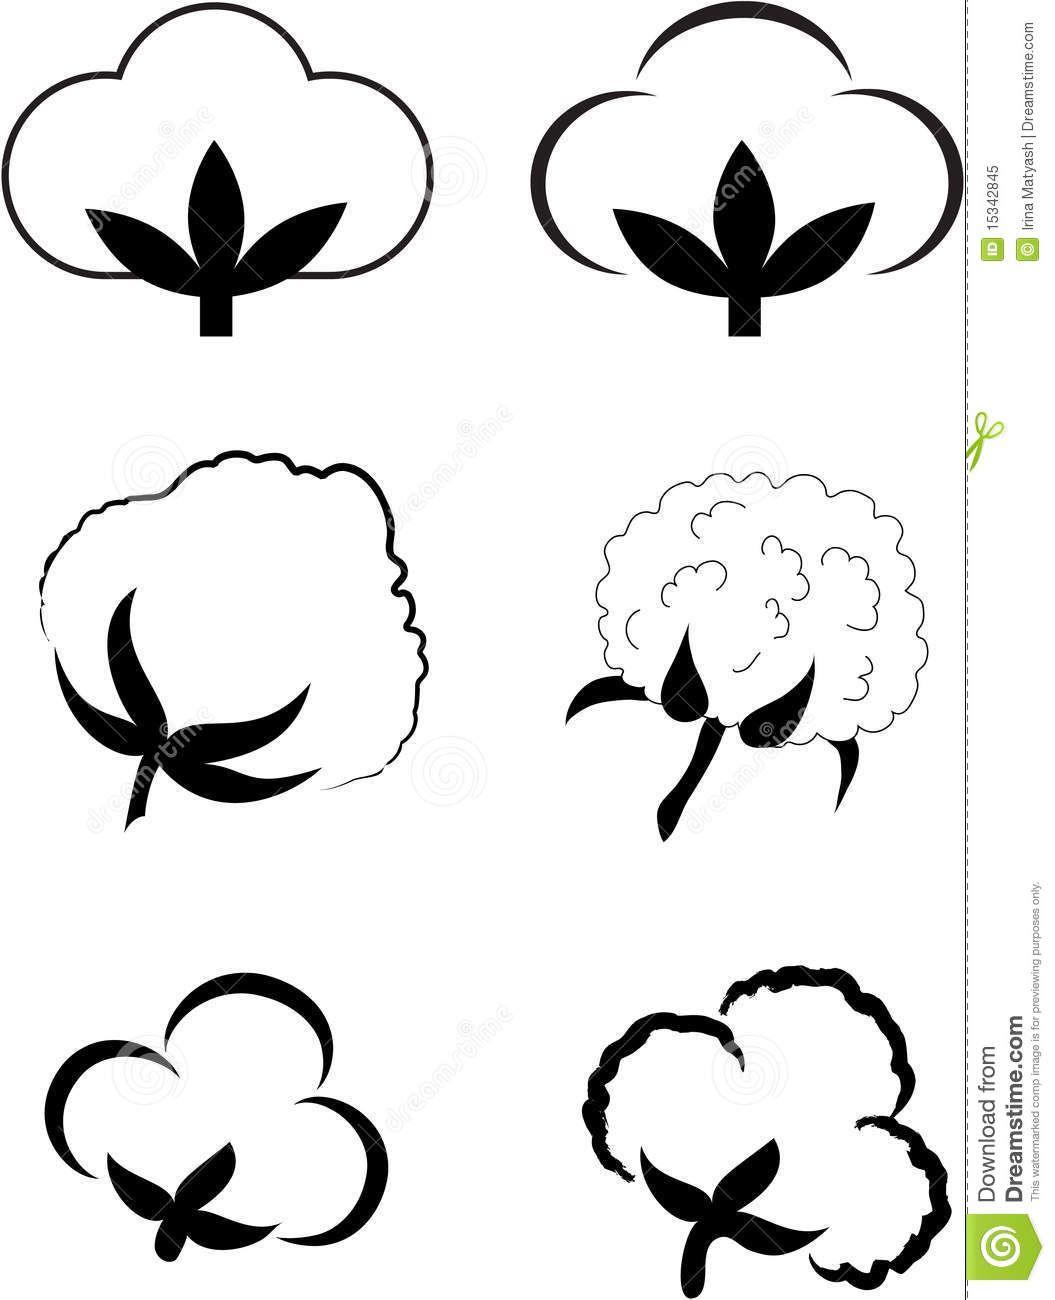 1055x1300 cotton plant images cotton